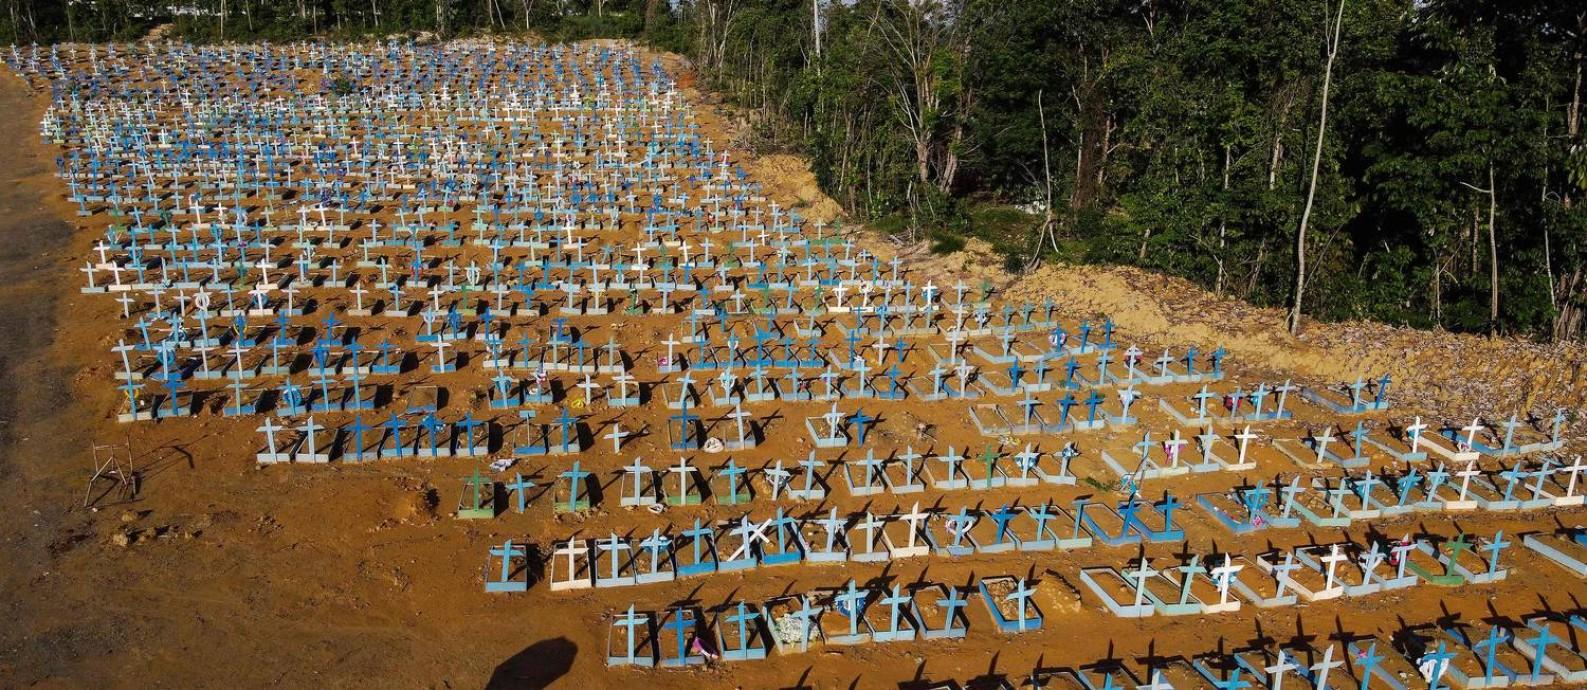 Área do cemitério Nossa Senhora Aparecida, em Manaus, onde são enterrados mortos por Covid-19 Foto: Michael Dantas/AFP/27-12-2020